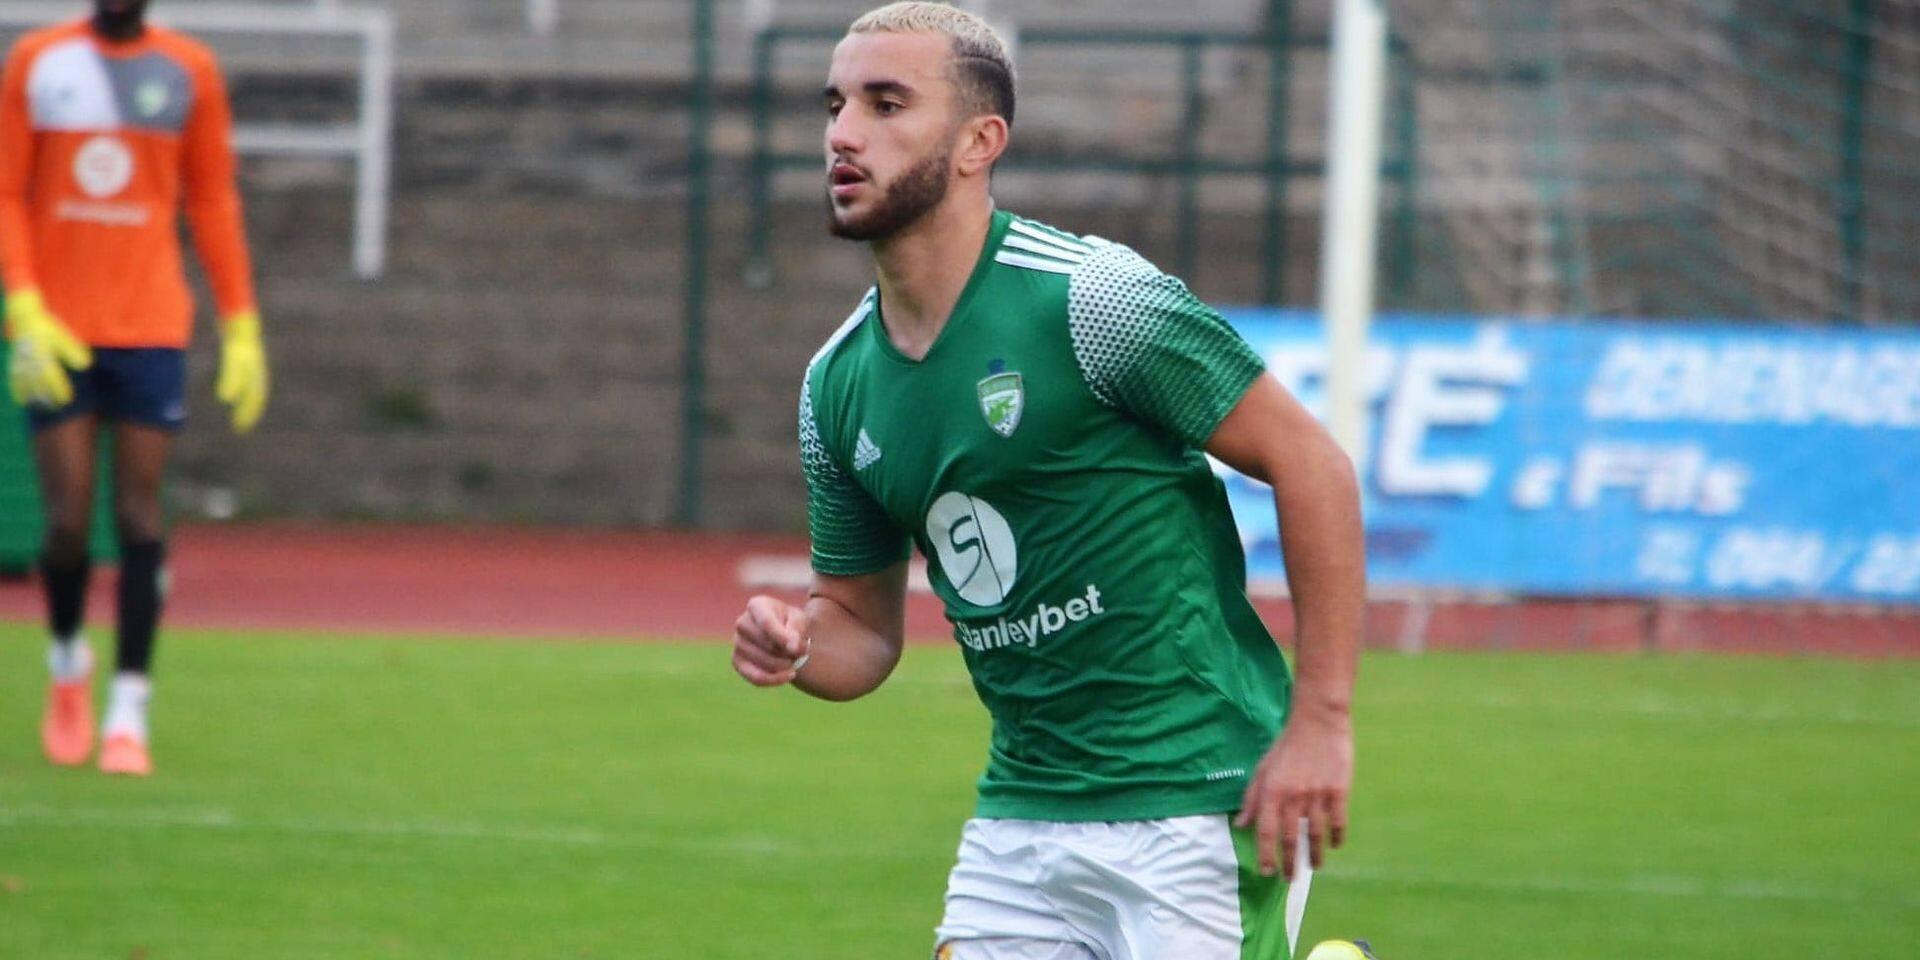 """Amine Zenadji, déjà 7 buts et 4 assists avec La Louvière: """"Je suis en pleine confiance"""""""